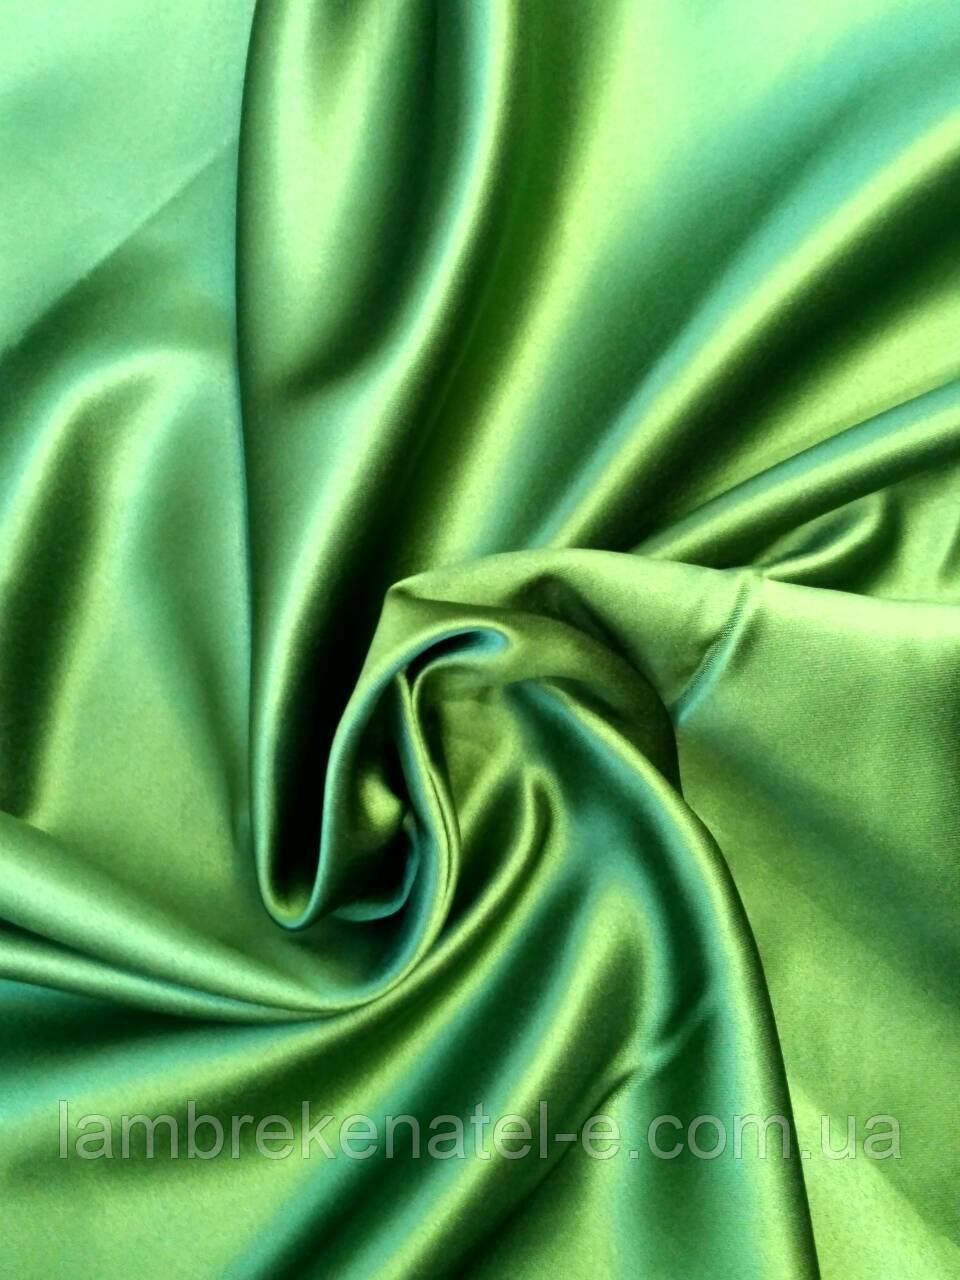 Ткань для штор блэкаут цвет зеленый